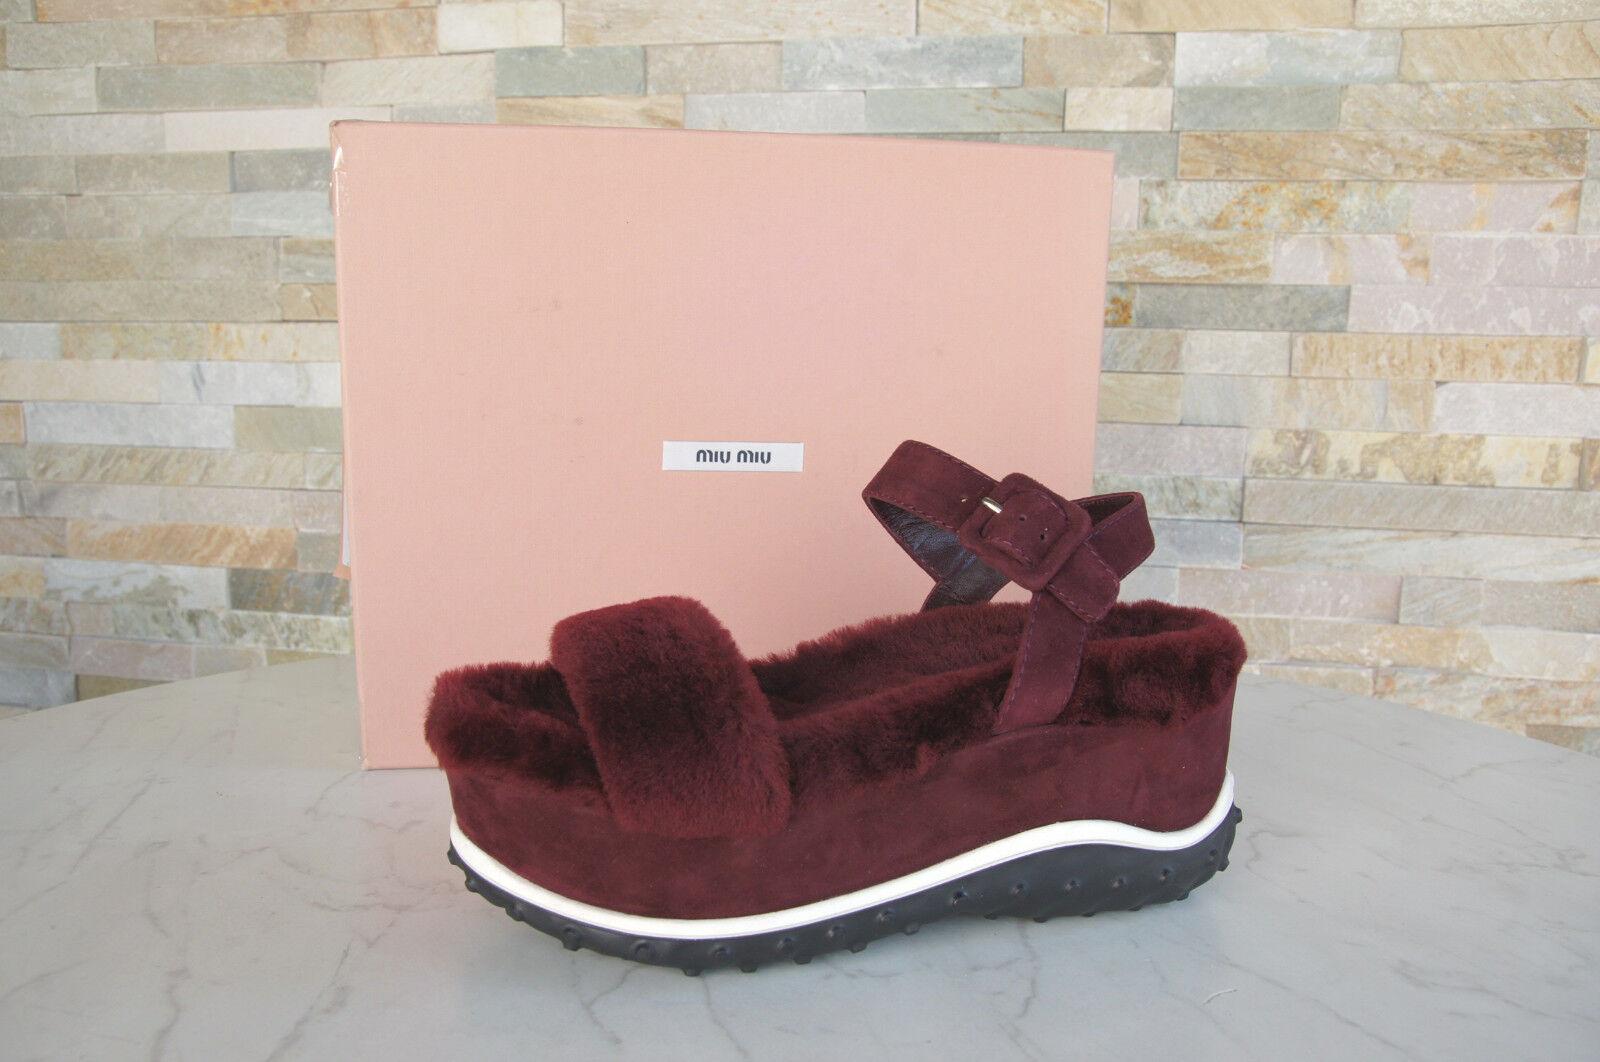 Miu Sandalias Miu Gr 35,5 Sandalias Miu con Plataforma Cuñas Zapatos Piel de Oveja Rojo Nuevo eba874